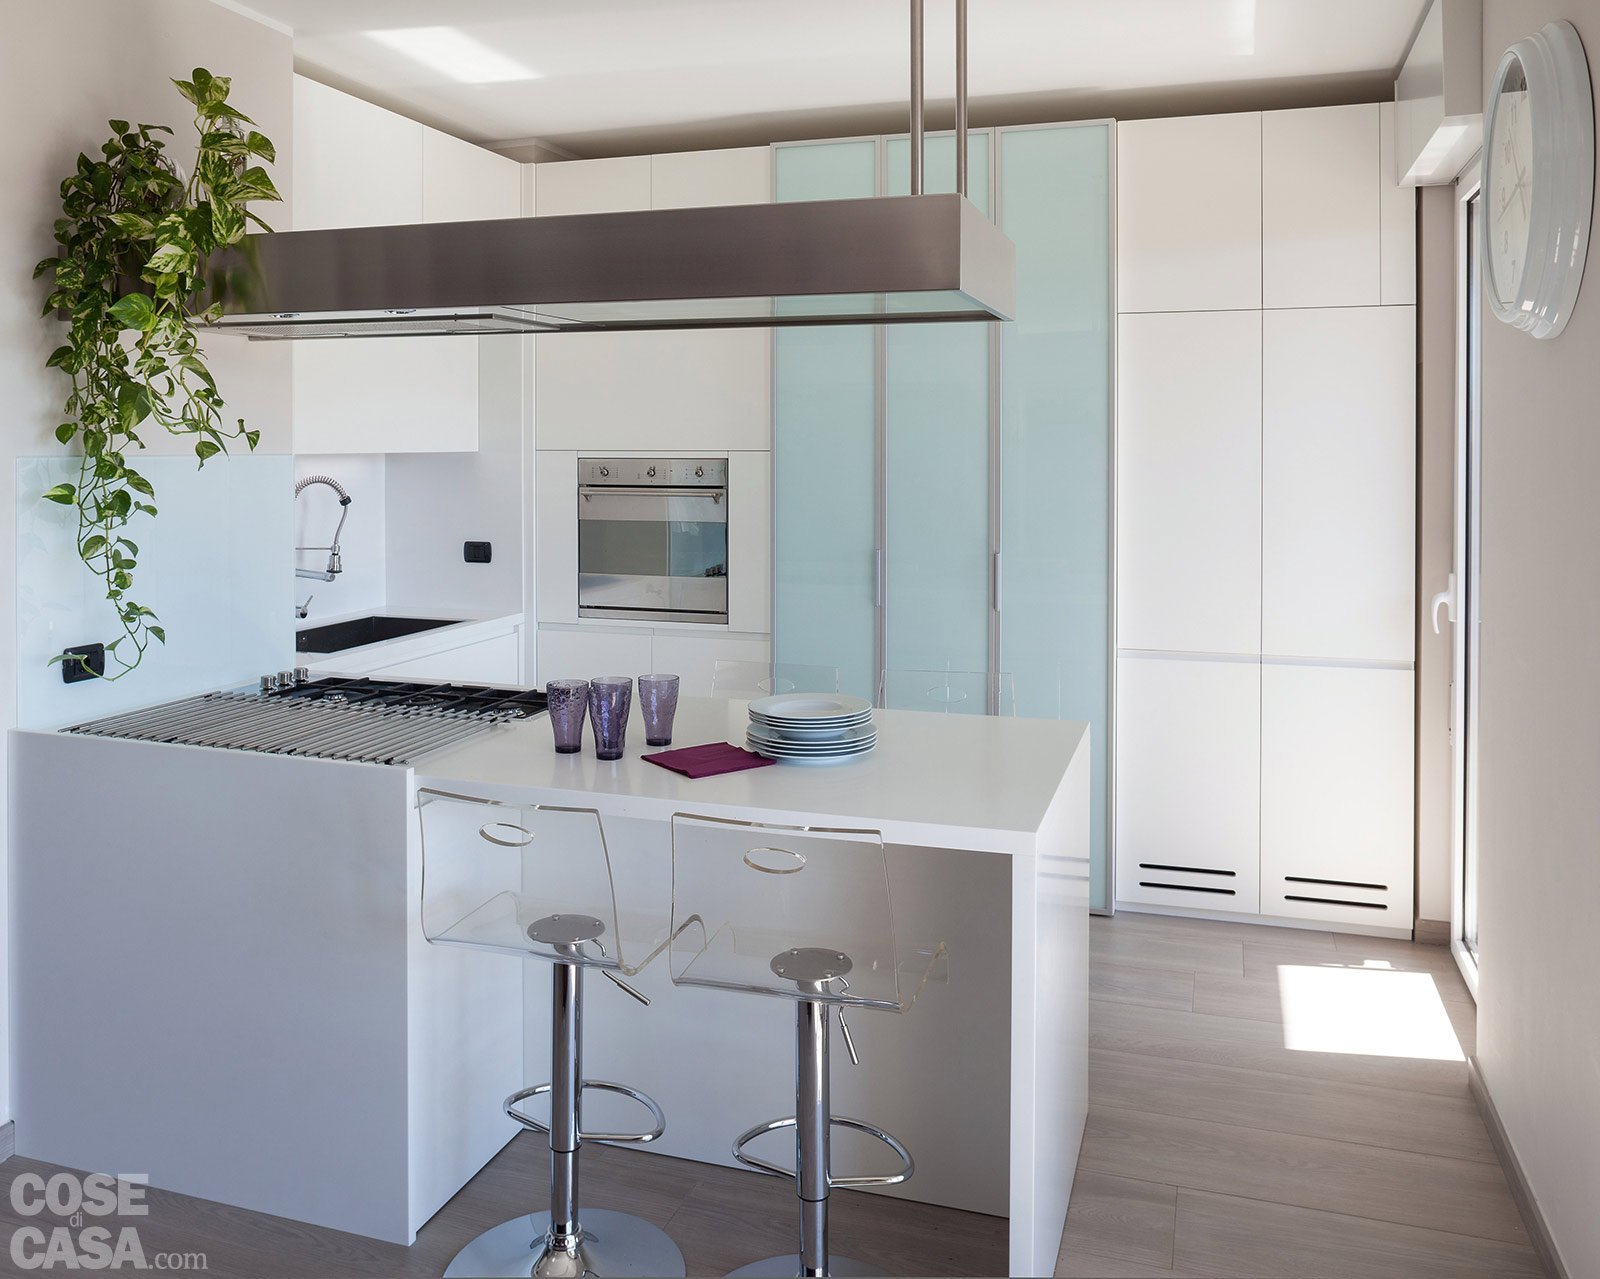 Mensole per cucina moderna cucine moderne with mensole - Mensole per cucina ...